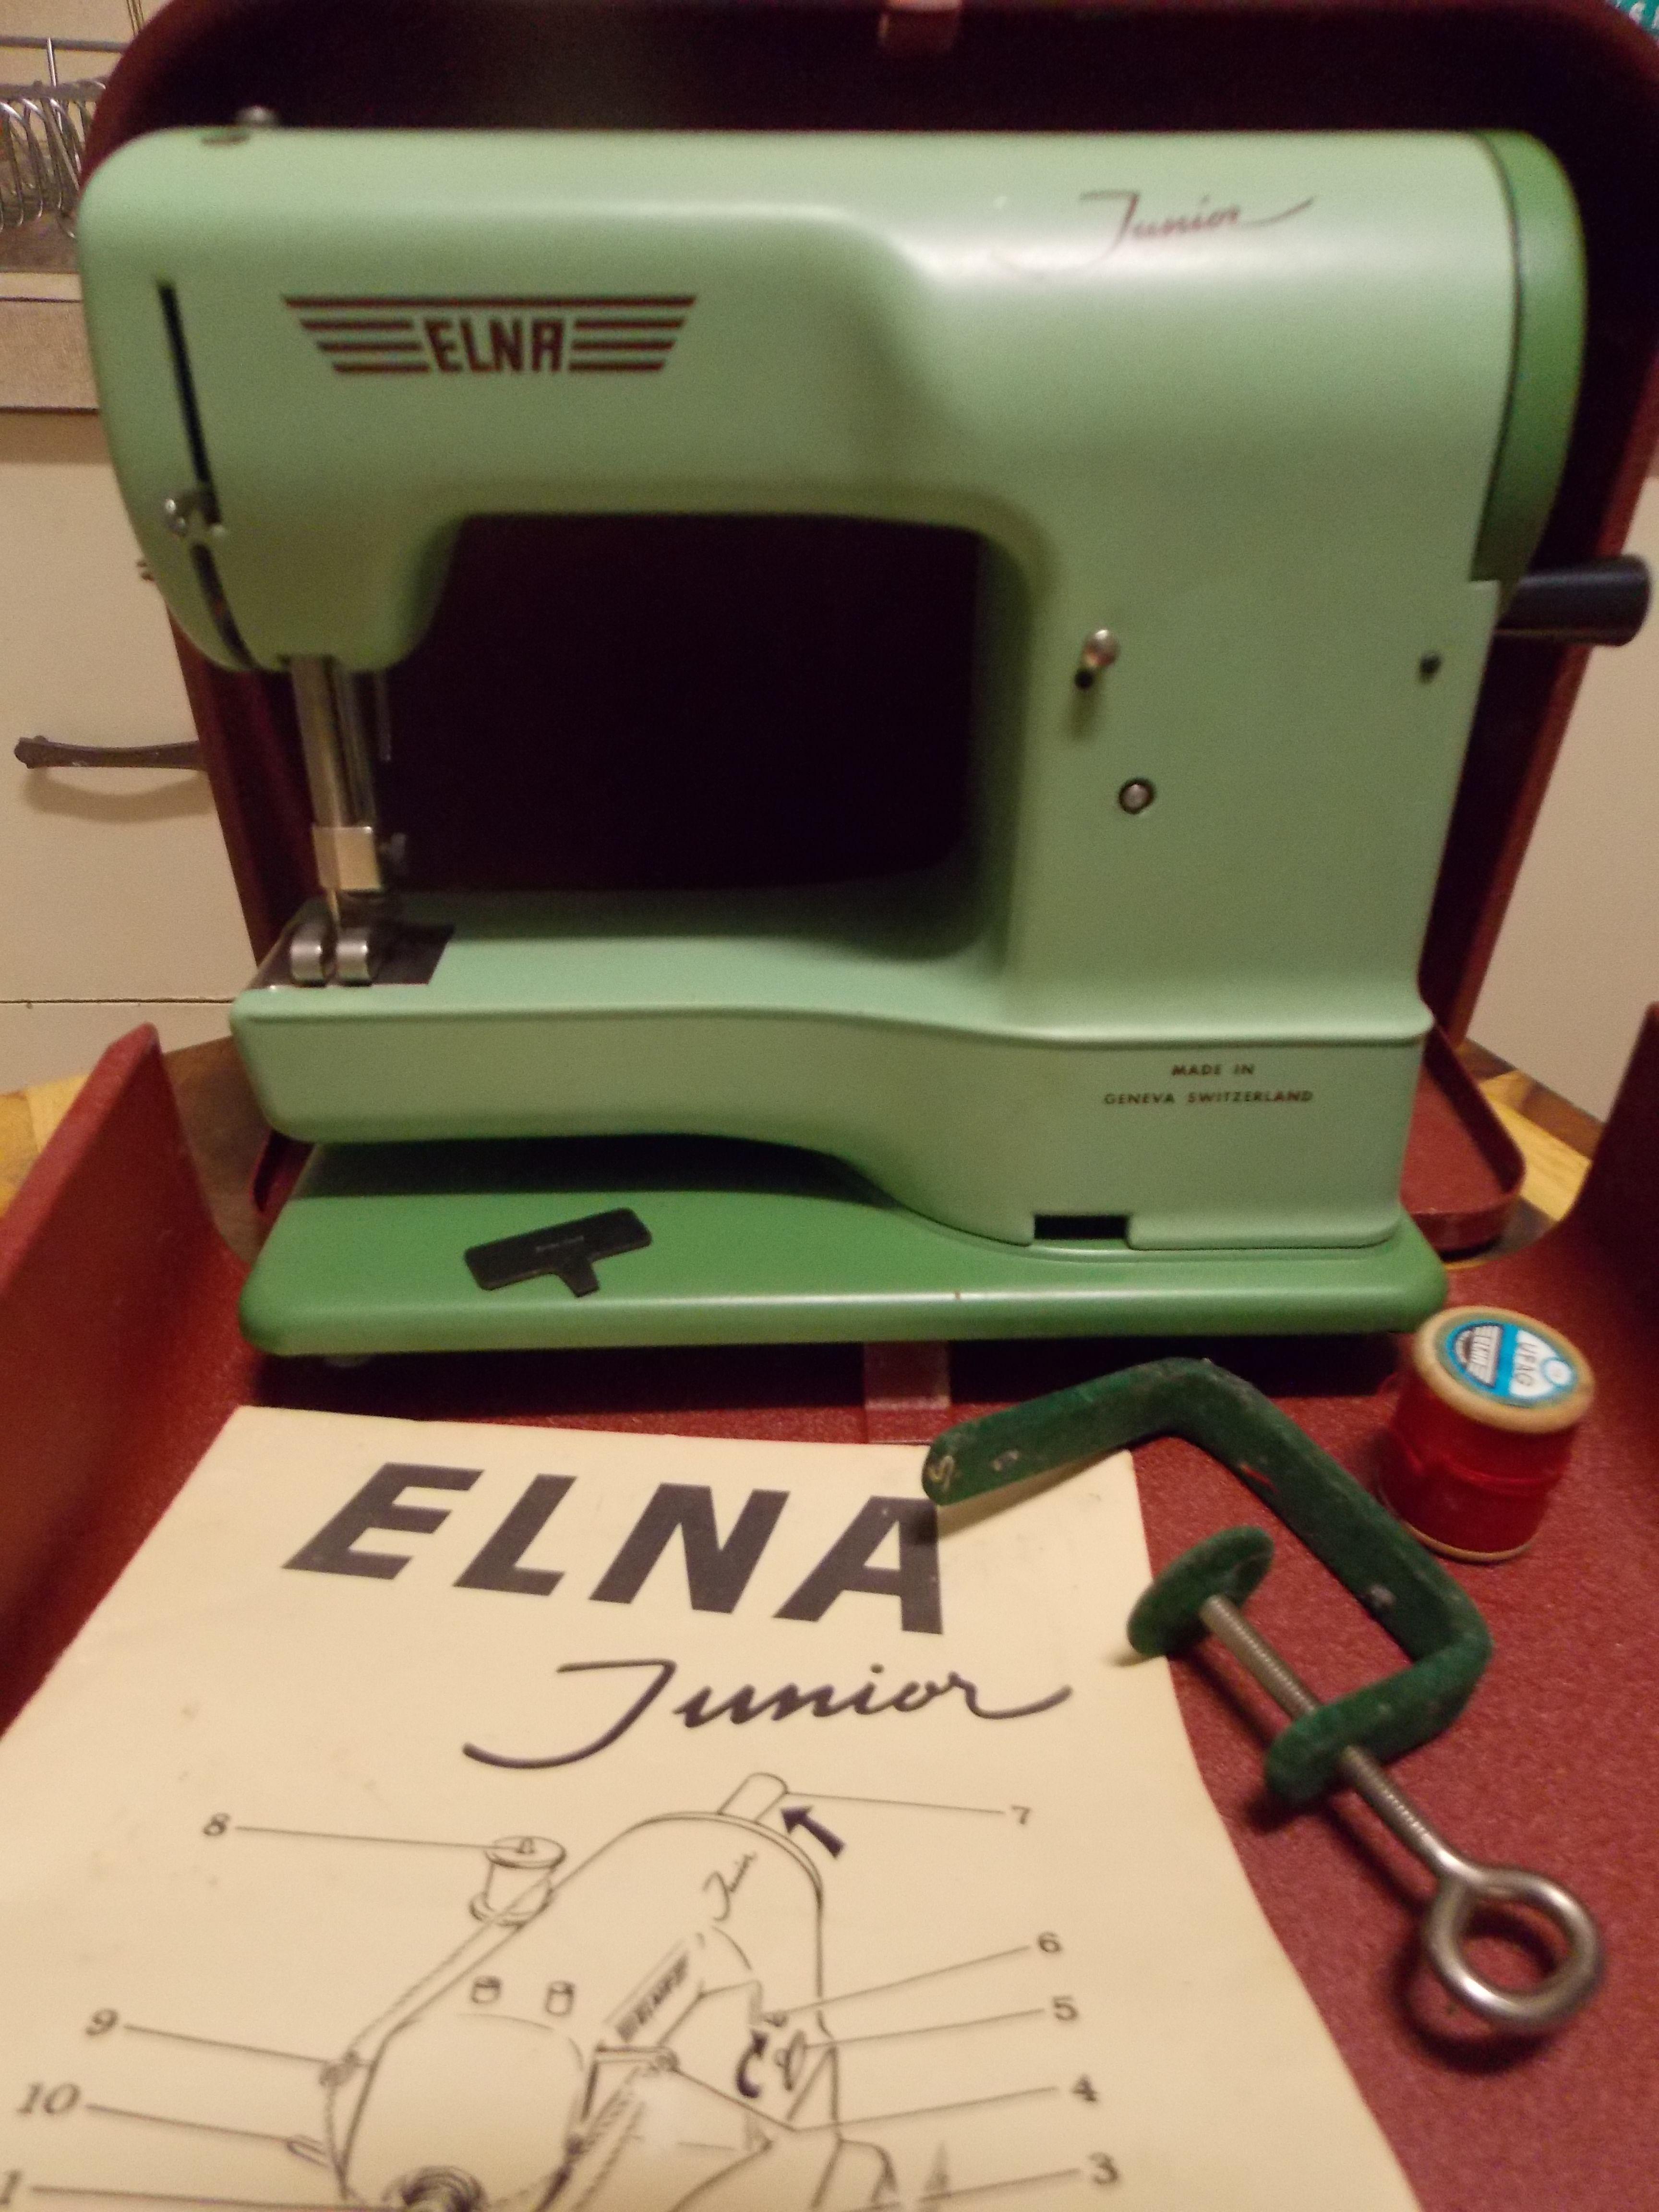 elna sewing machine manual pdf